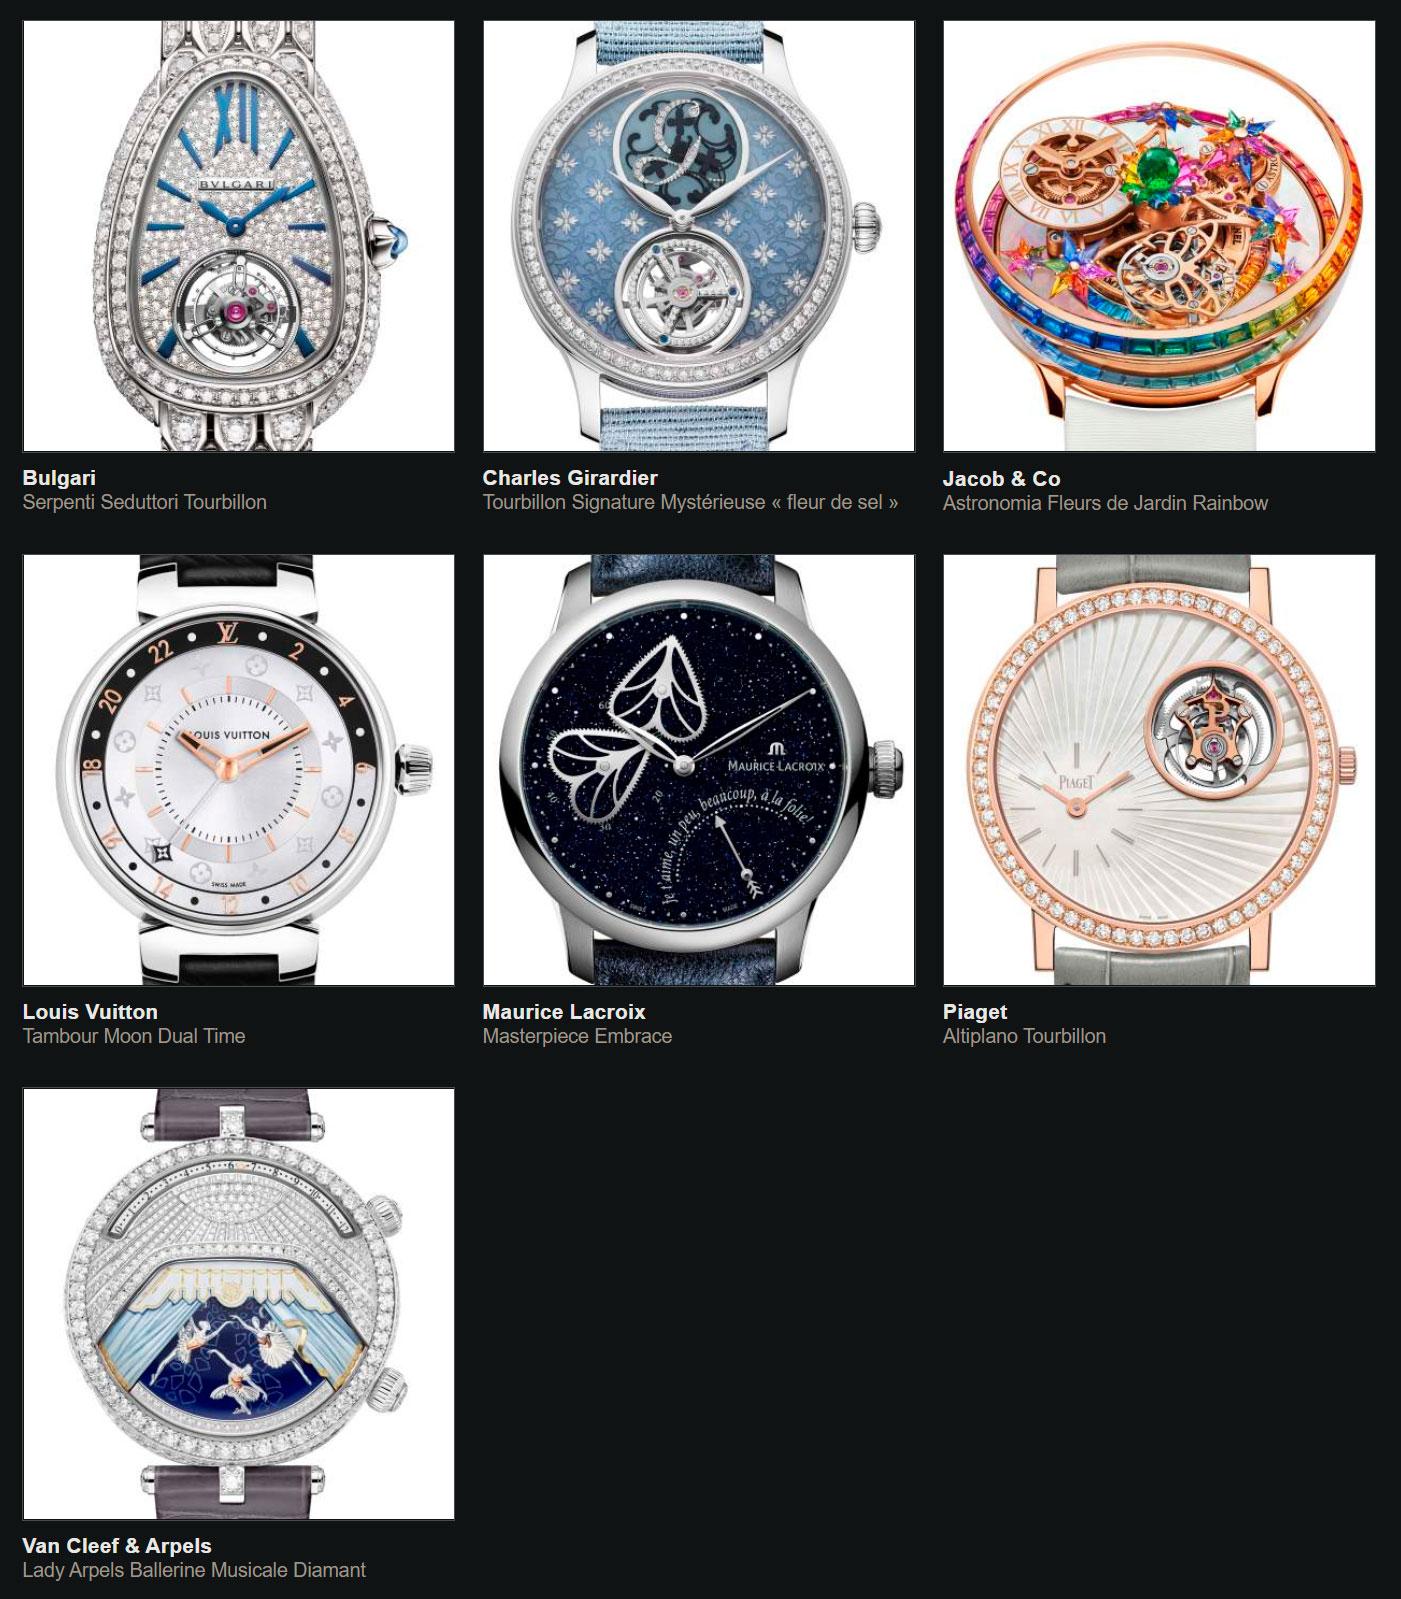 Relojes preseleccionados para el Gran Premio de Relojería de Ginebra 2020 Complicación Dama